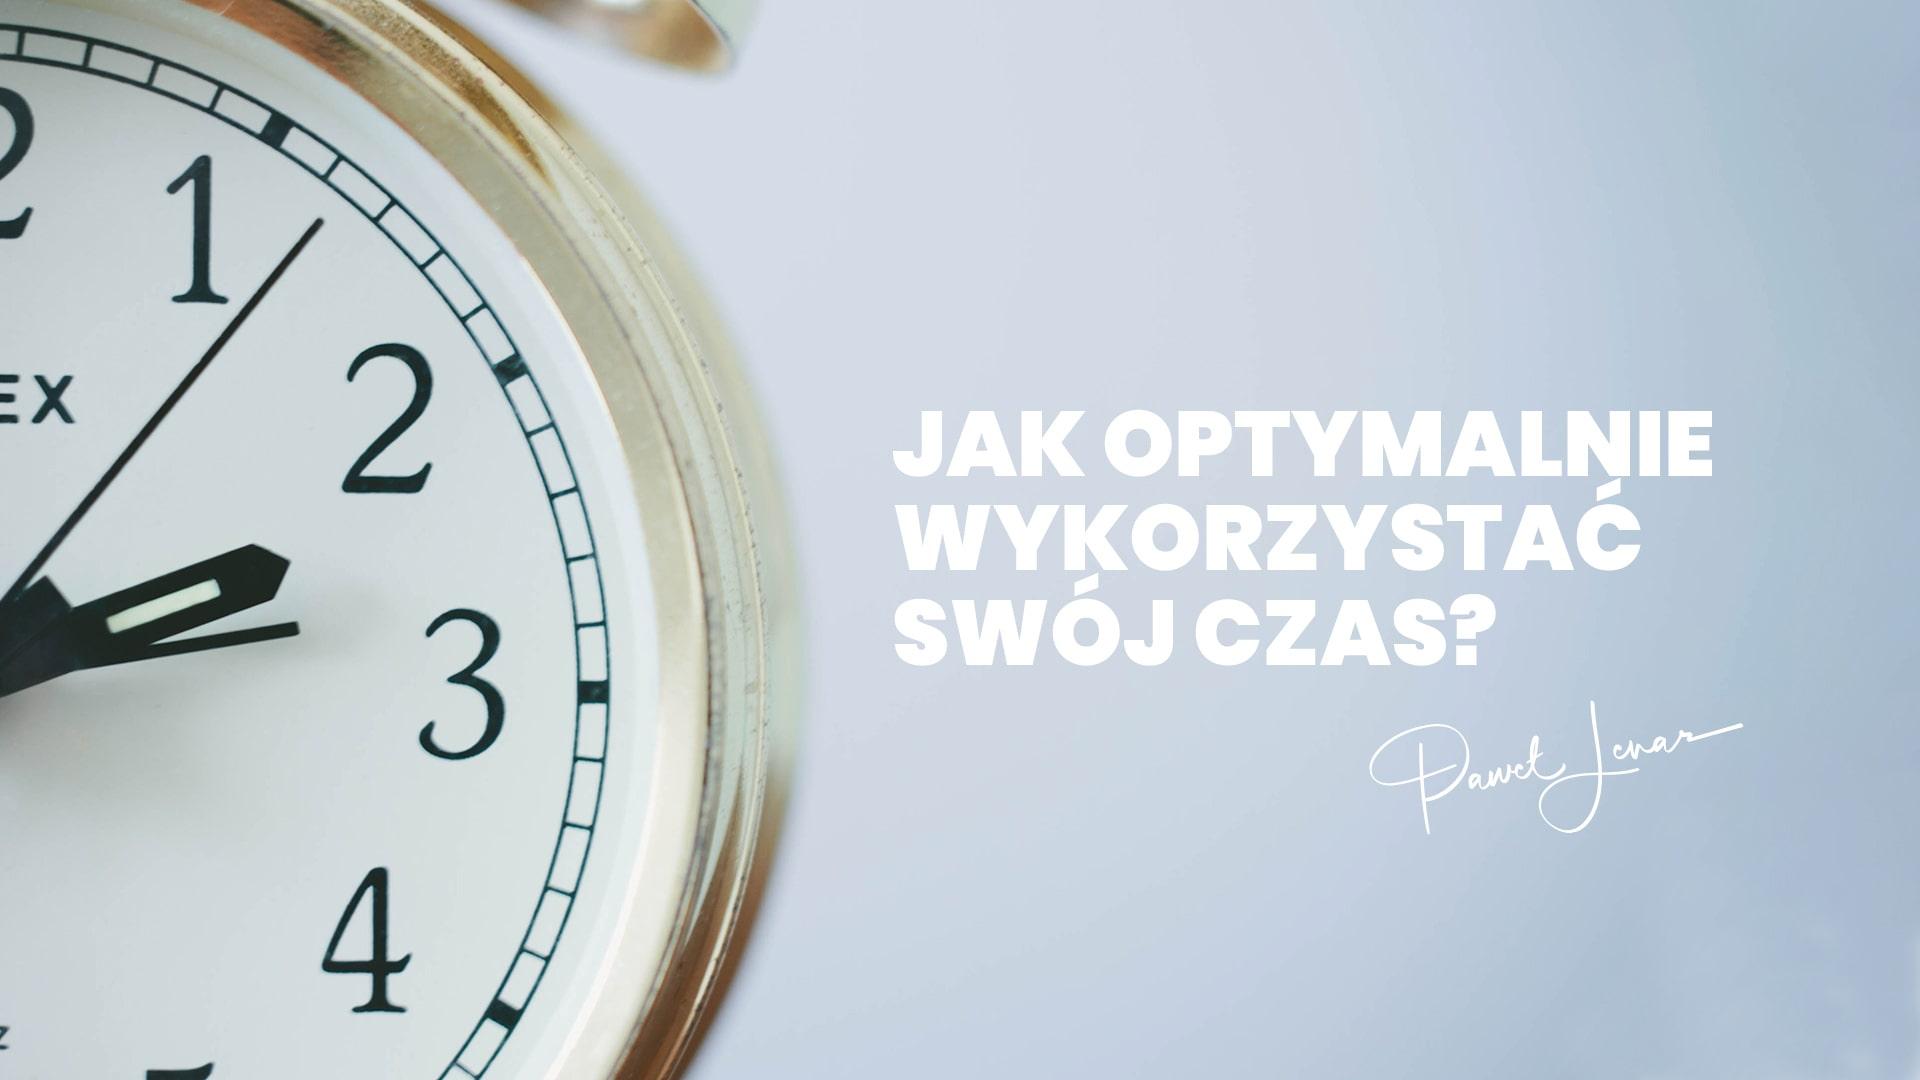 Jak optymalnie wykorzystać swój czas - Paweł Lenar Blog